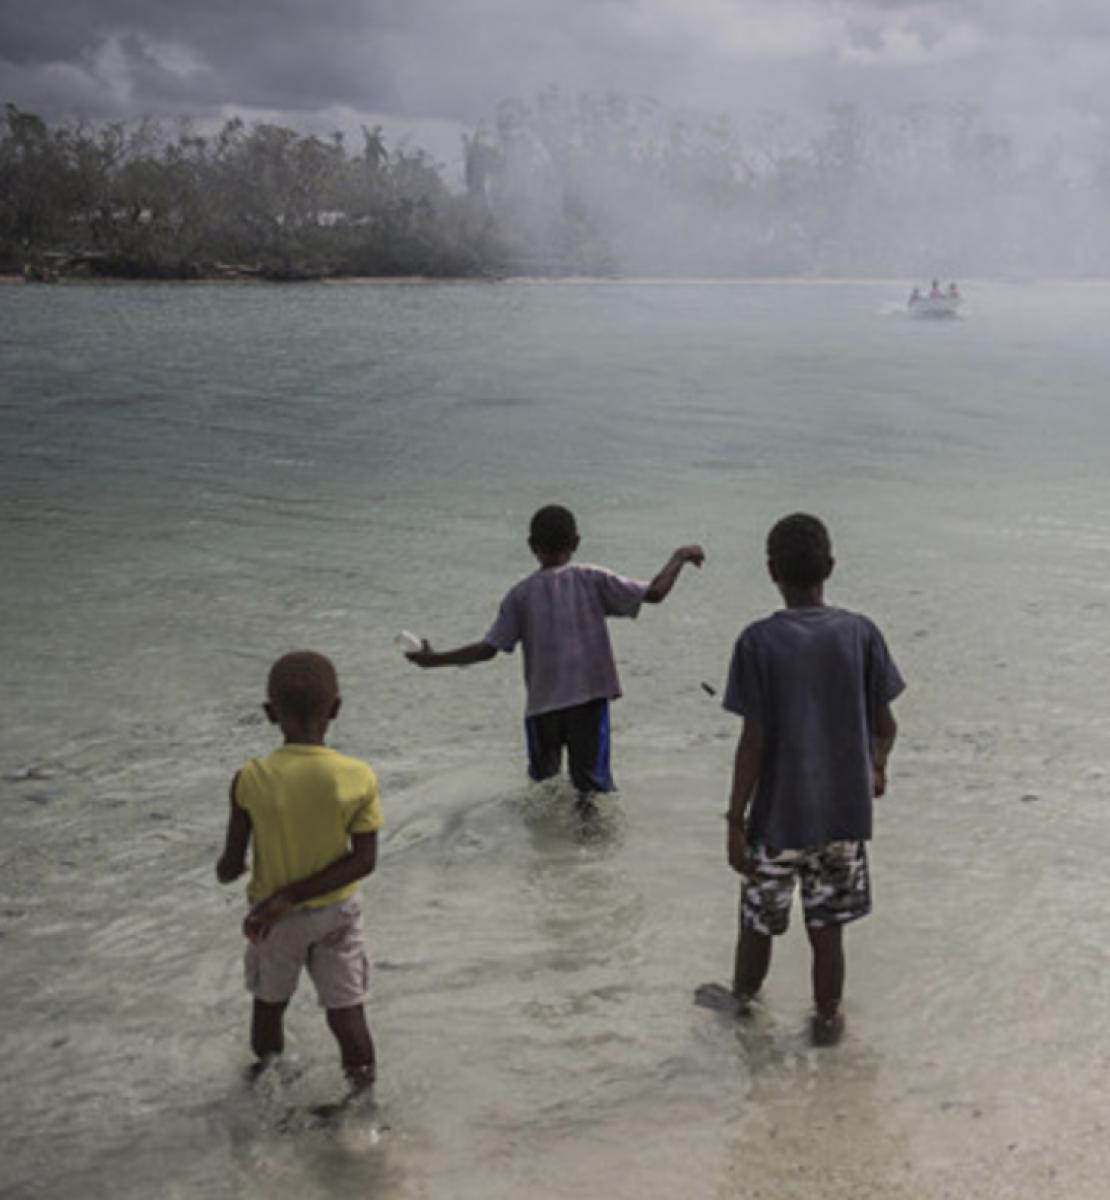 يقف ثلاثة أطفال في مسطح مائي وينظرون إلى قارب قريب.